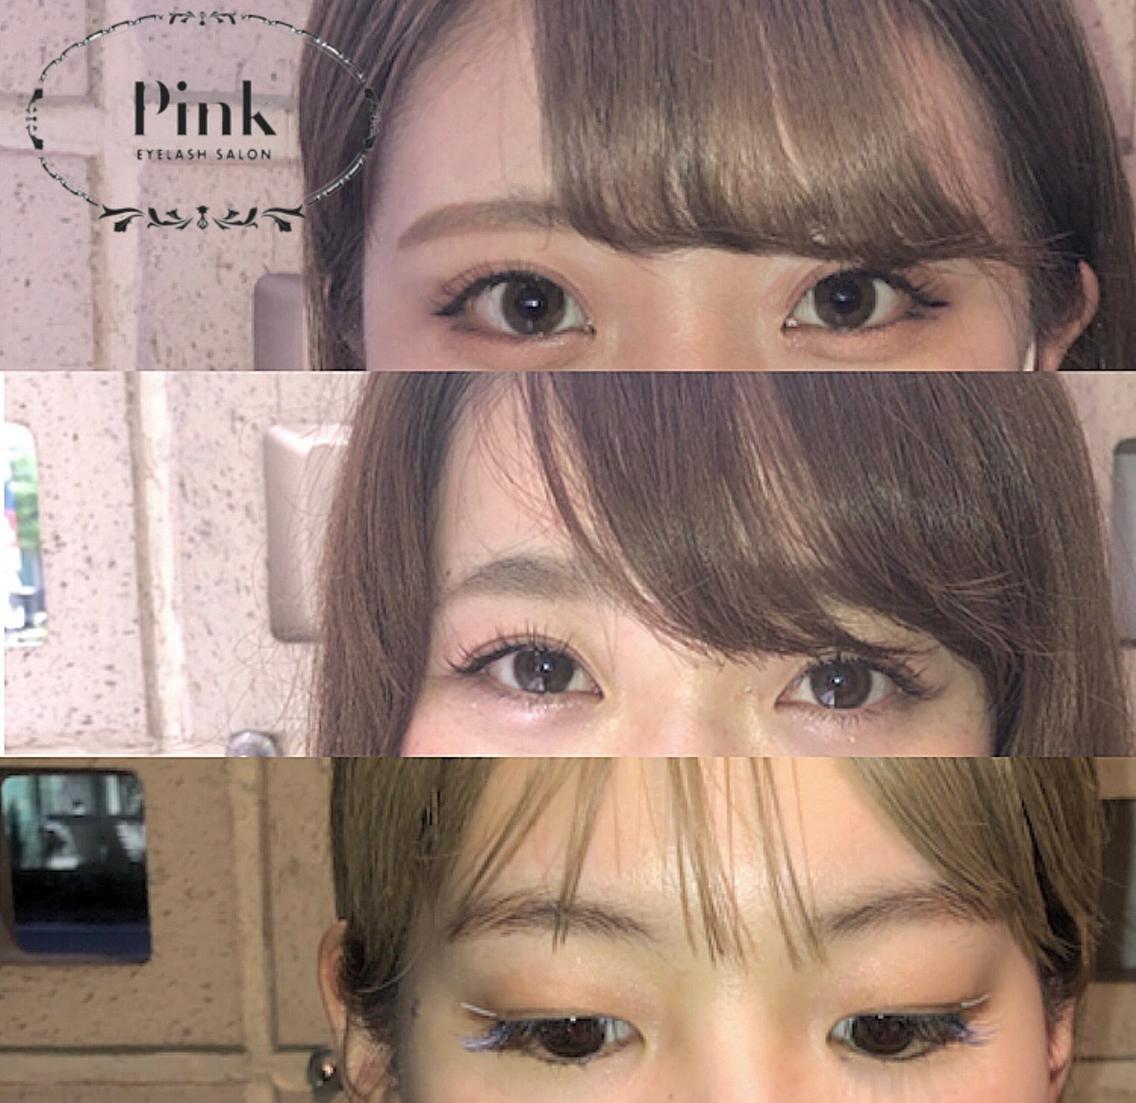 pink梅田所属・Pink梅田よねたに︎︎の掲載